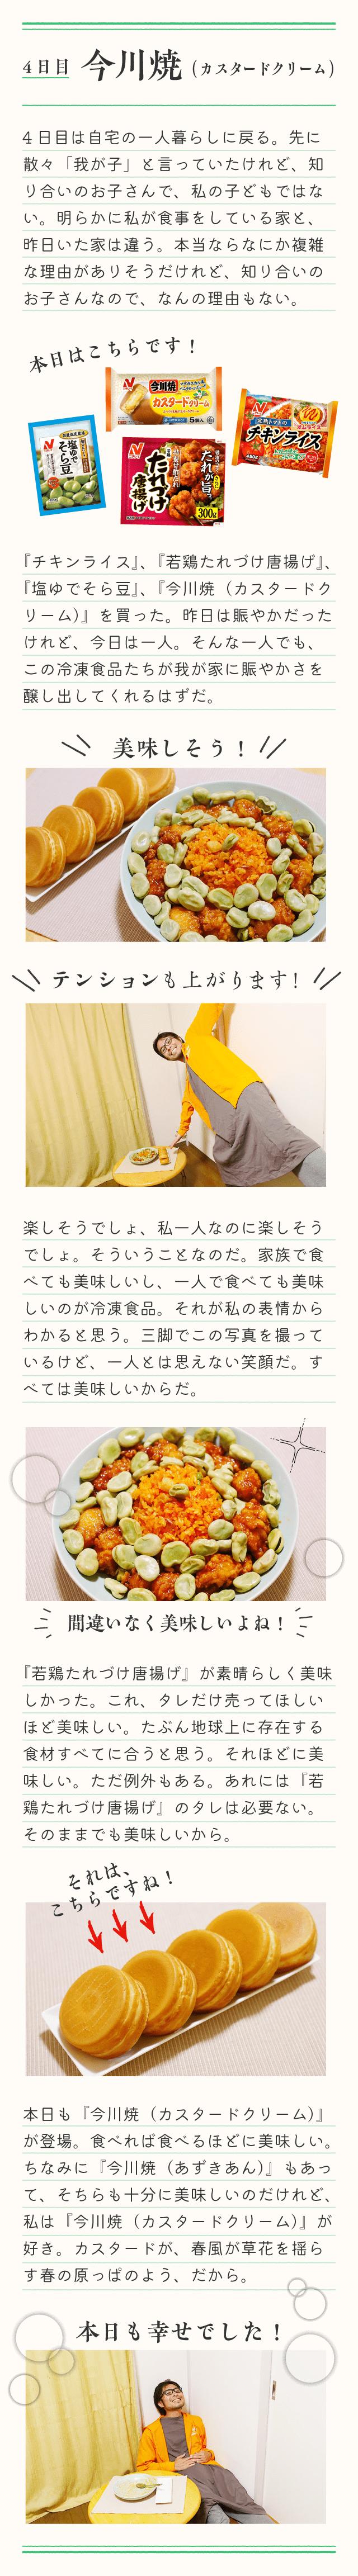 冷凍食品生活4日目